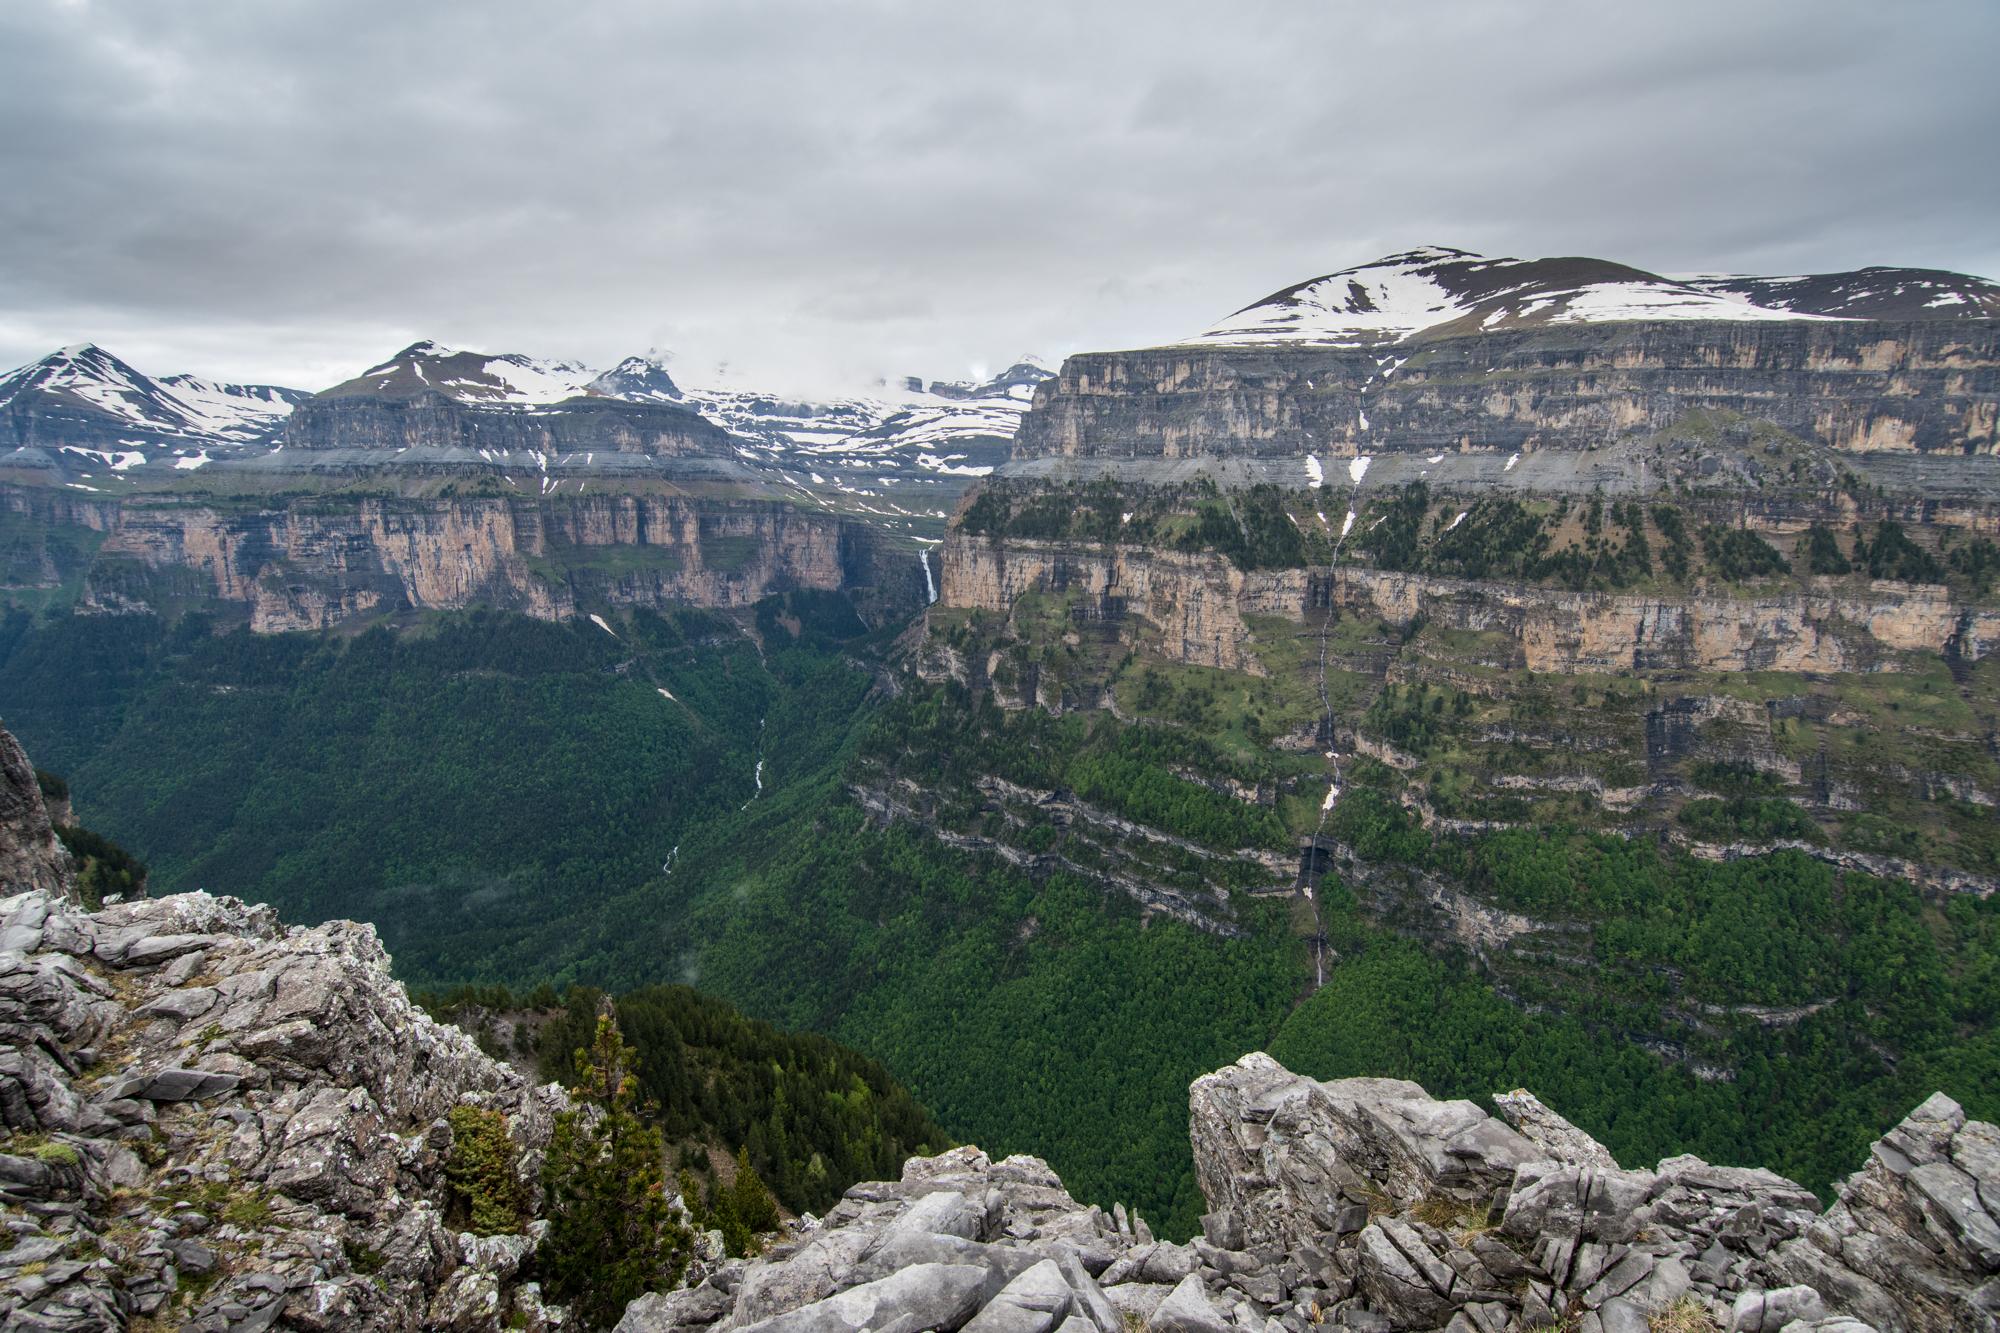 Vista del Valle de Ordesa desde sus miradores.